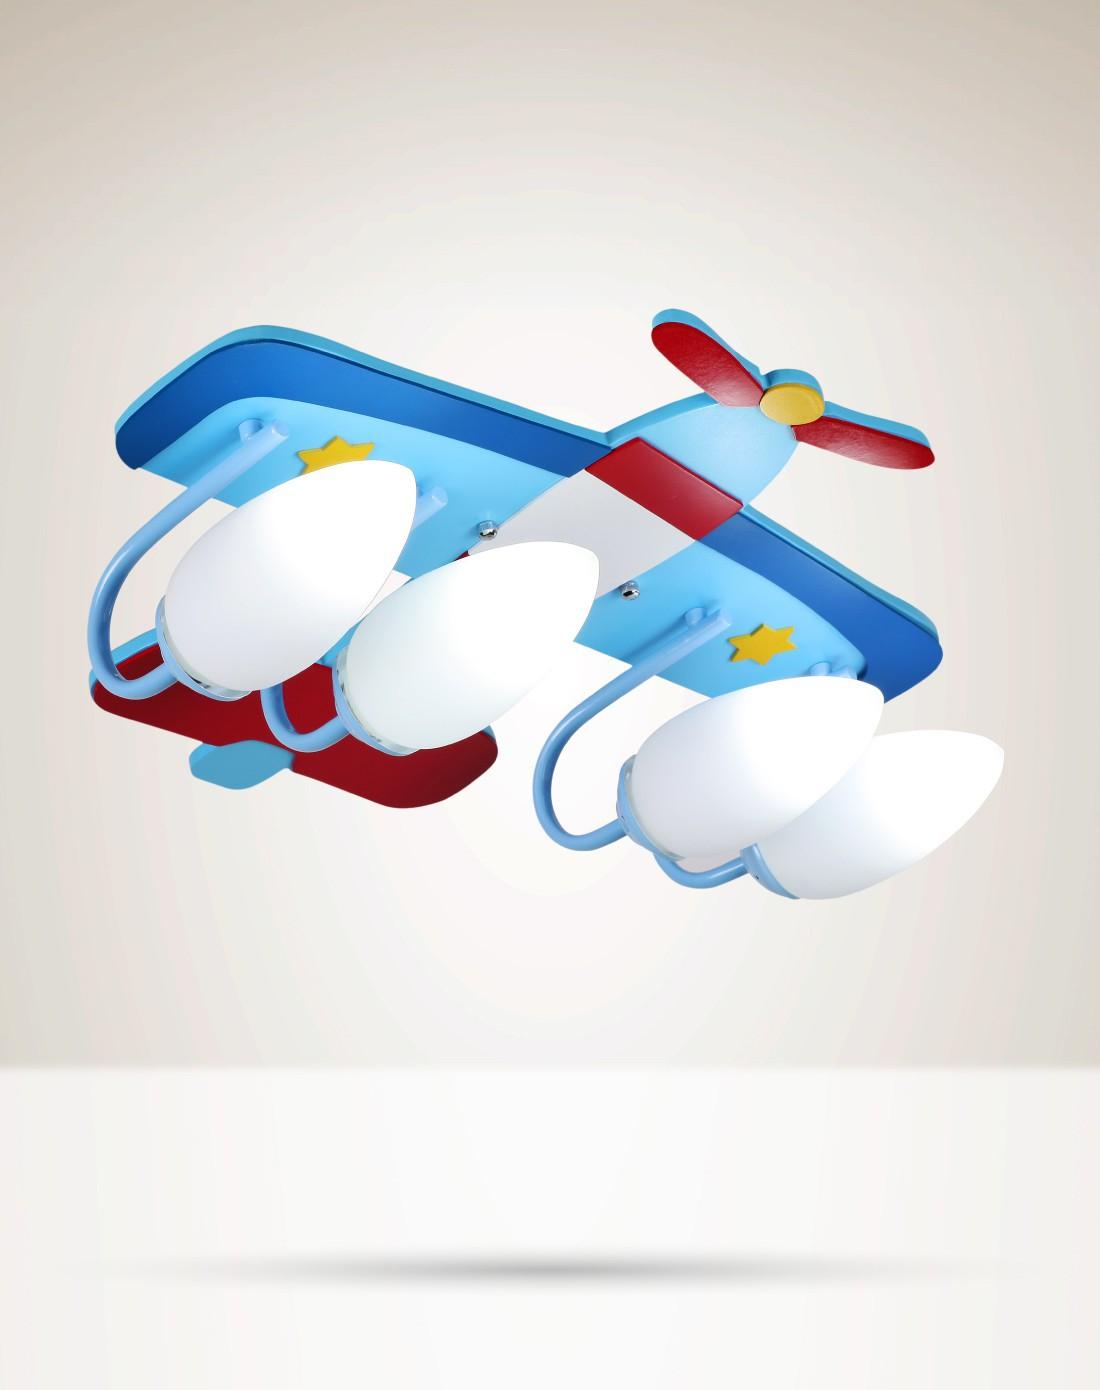 壹朵灯饰专场喷气式飞机创意卡通立体造型四座儿童吸